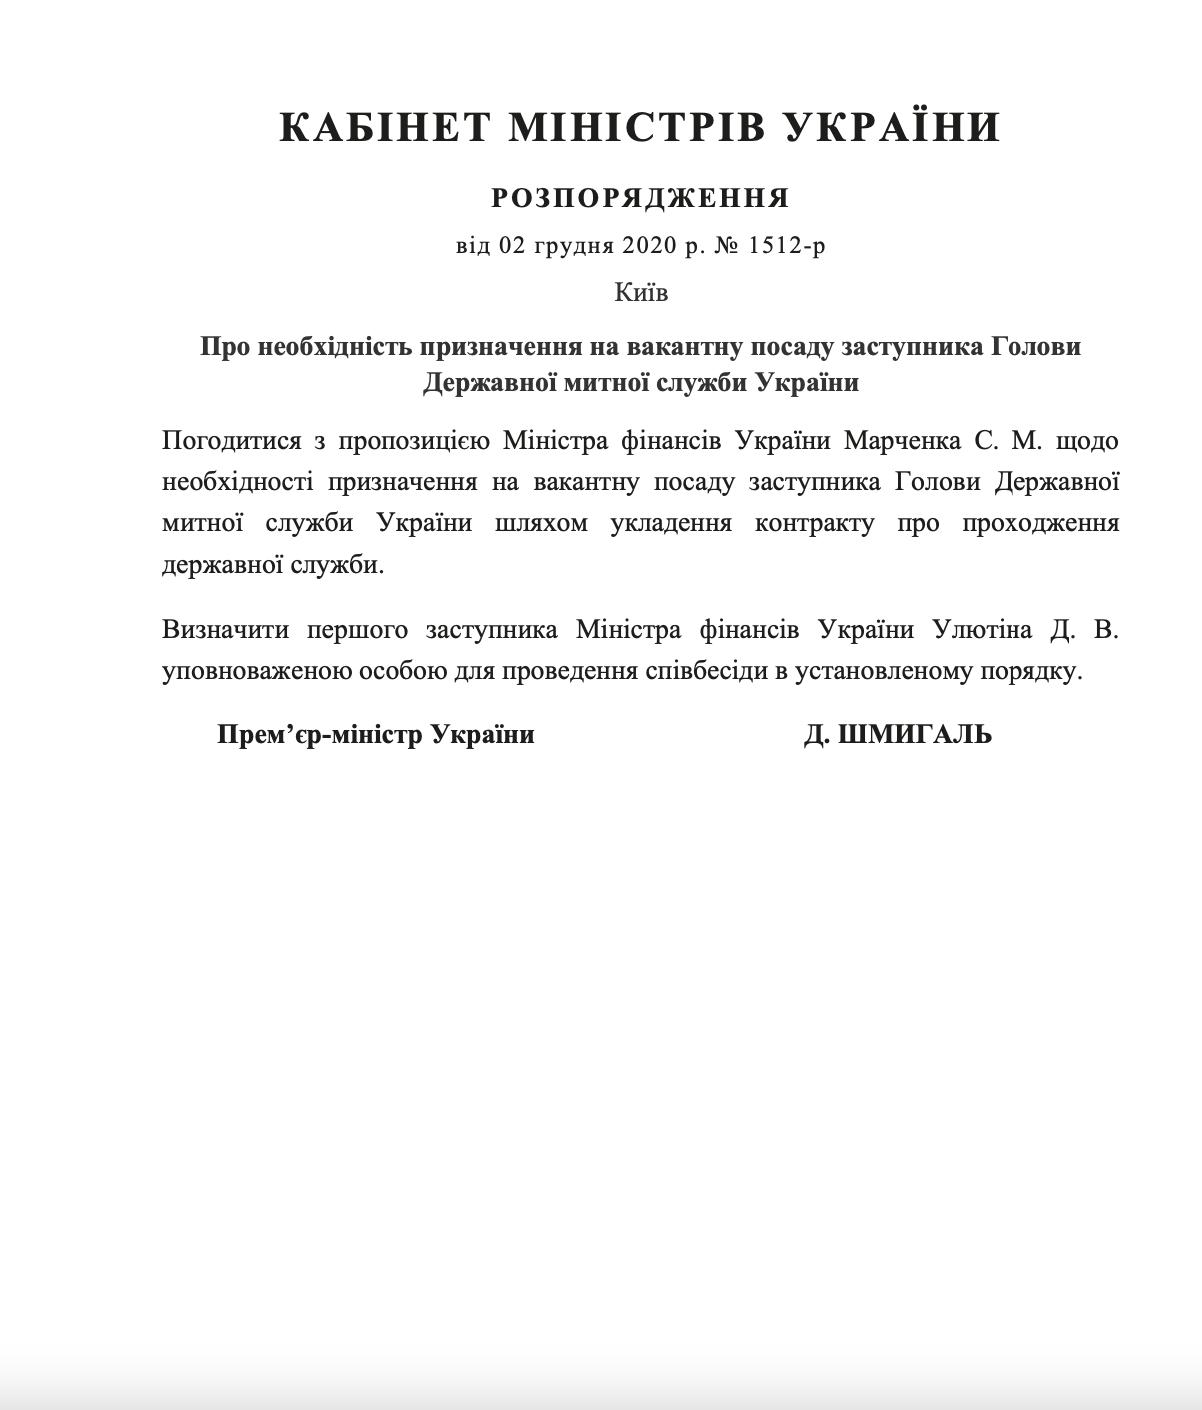 Приказ о размещении вакансии заместителя главы ГТС